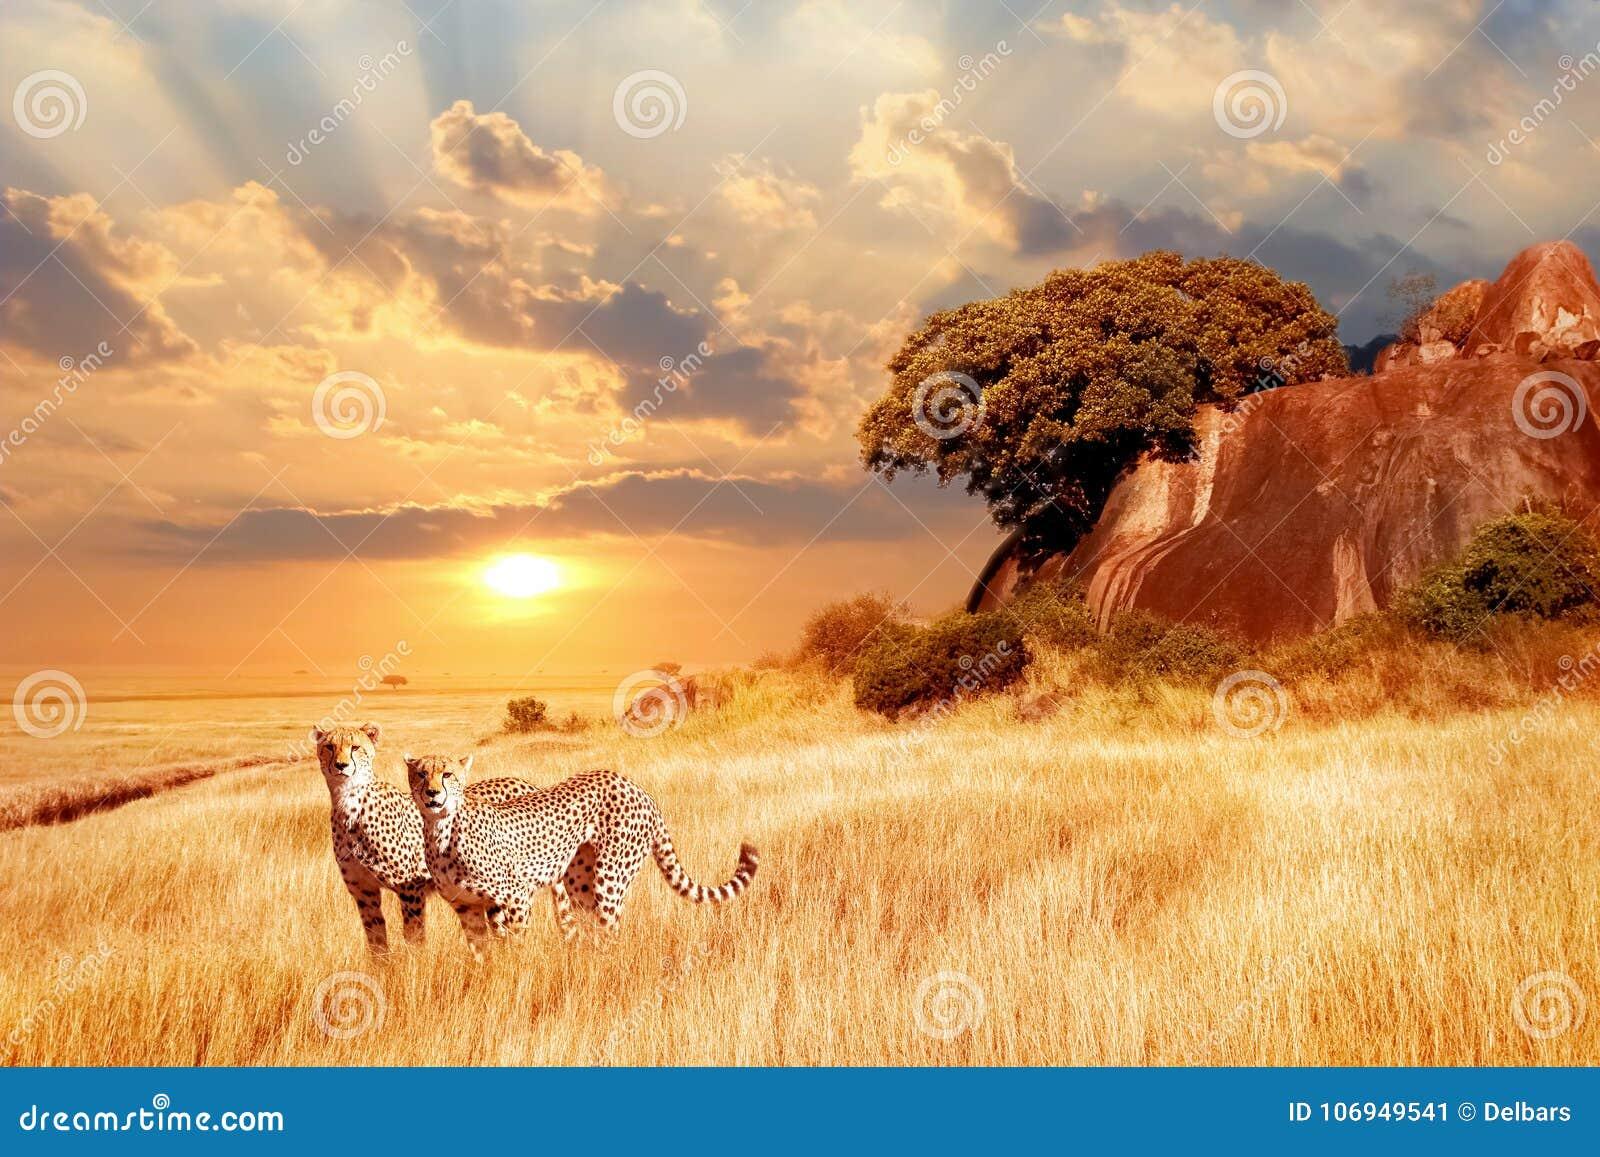 Geparder i den afrikanska savannet mot bakgrunden av den härliga solnedgången Serengeti nationalpark tanzania _